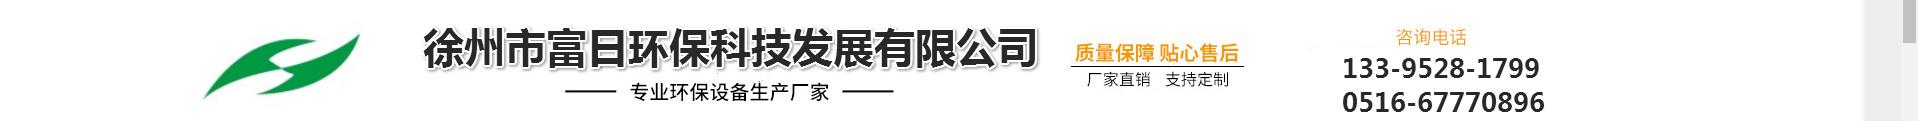 徐州市富日環保科技發展有限公司